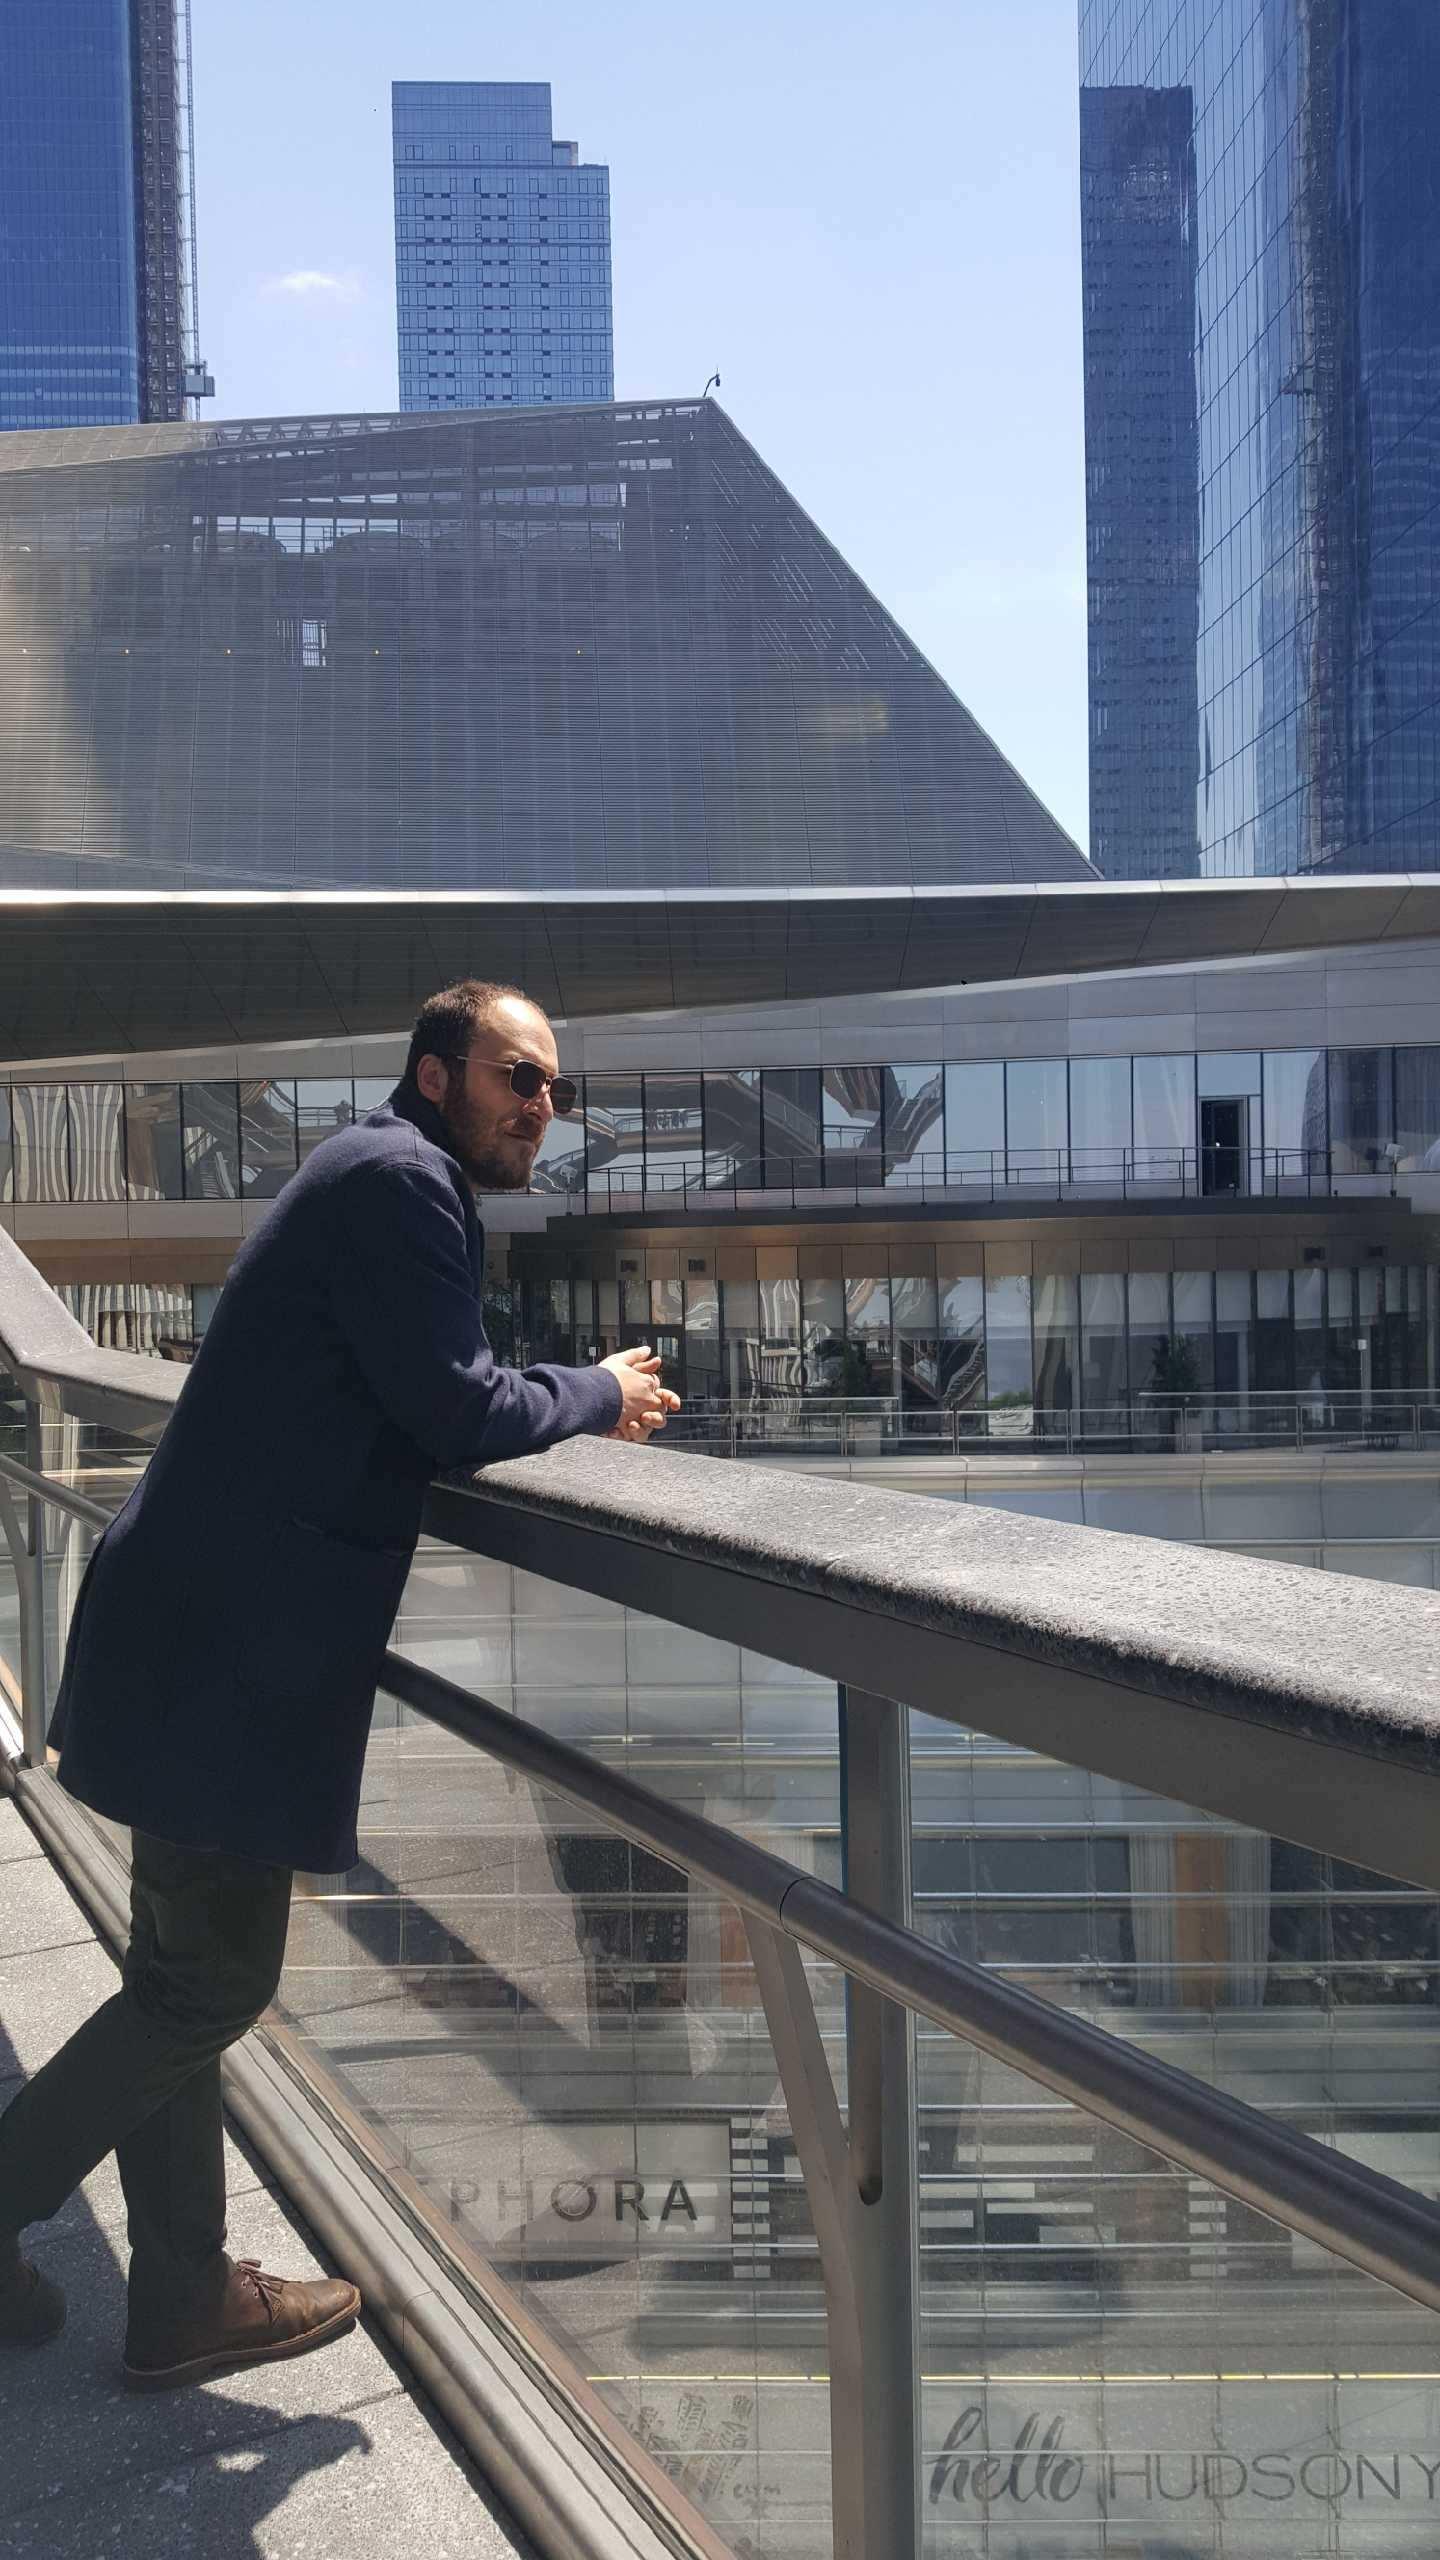 francesco new york